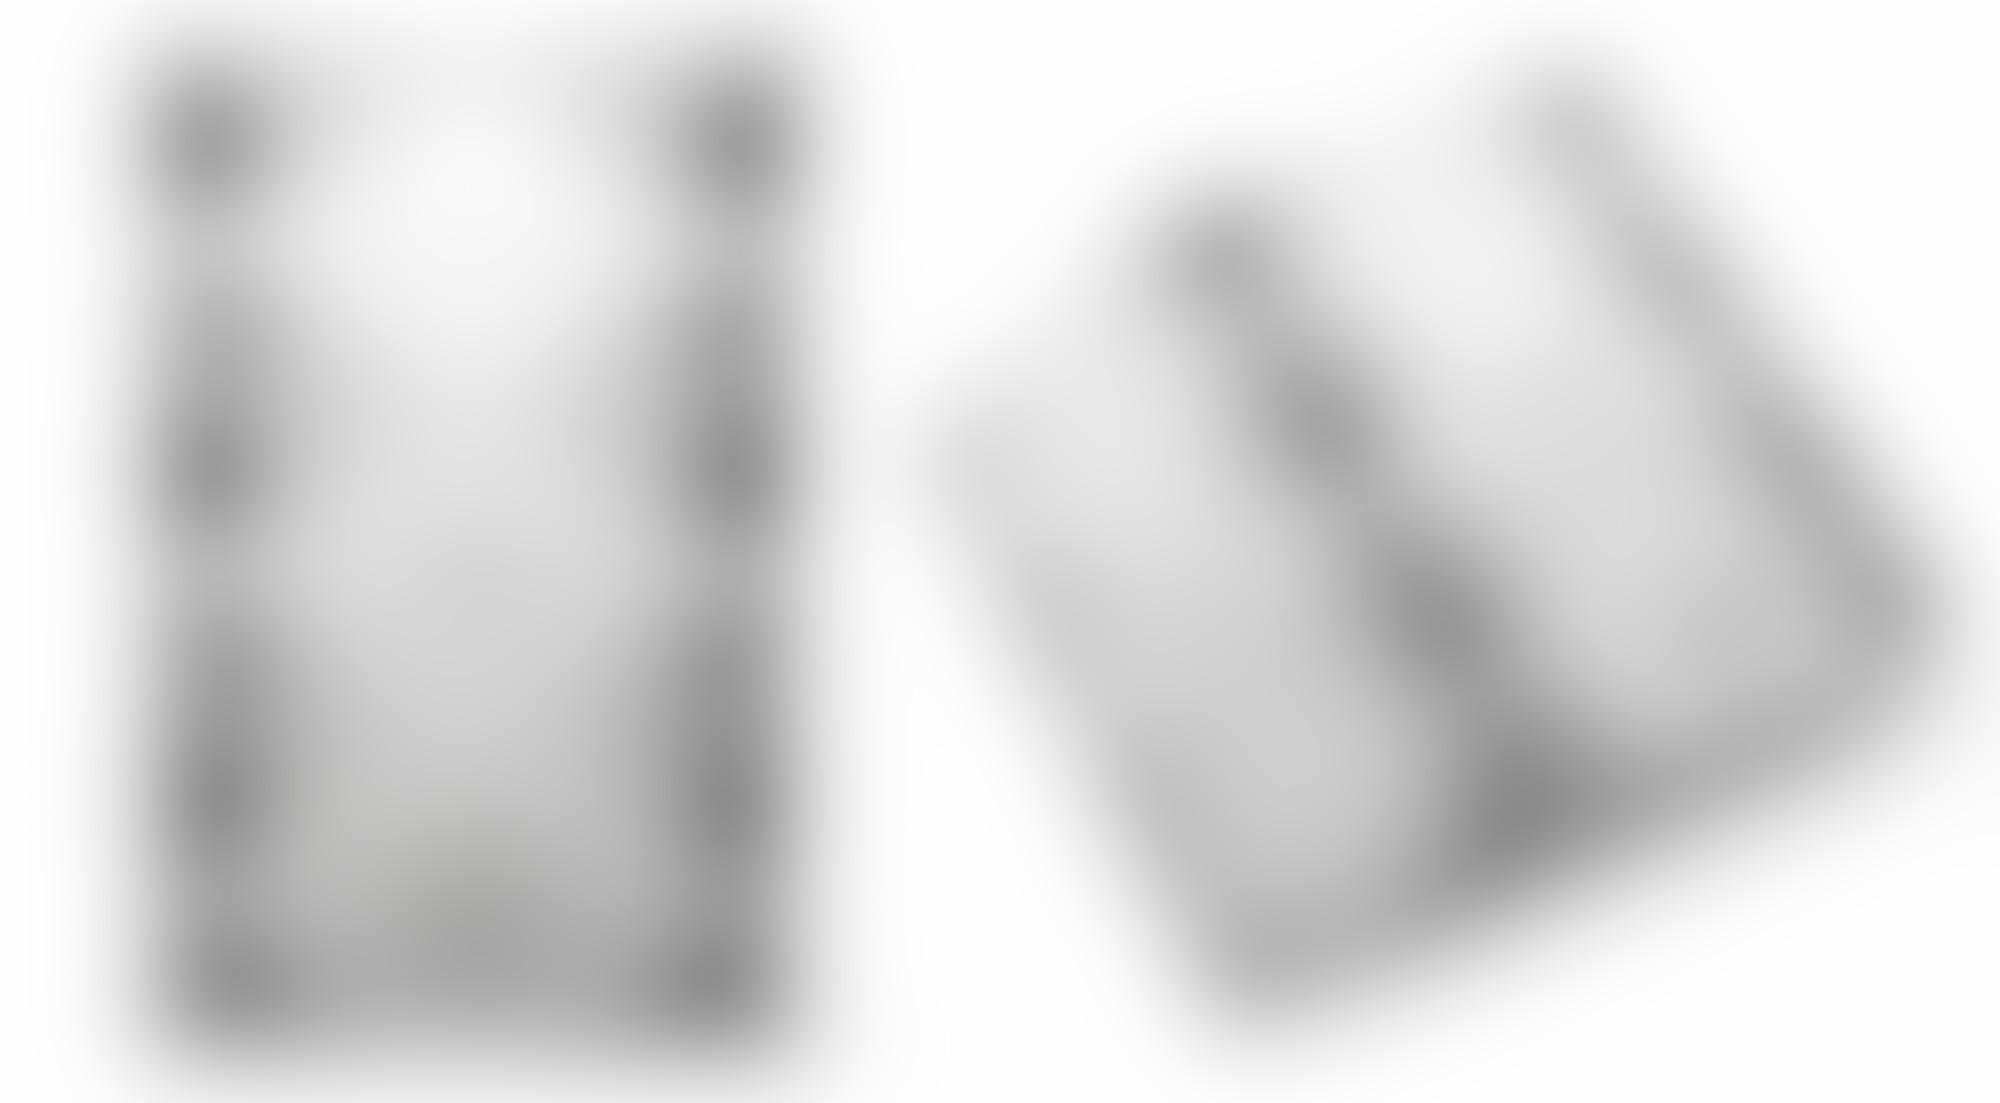 Ys12 autocompressfitresizeixlibphp 1 1 0max h2000max w3 D2000q80s1190404728e737e8bd5c638d8bd44286